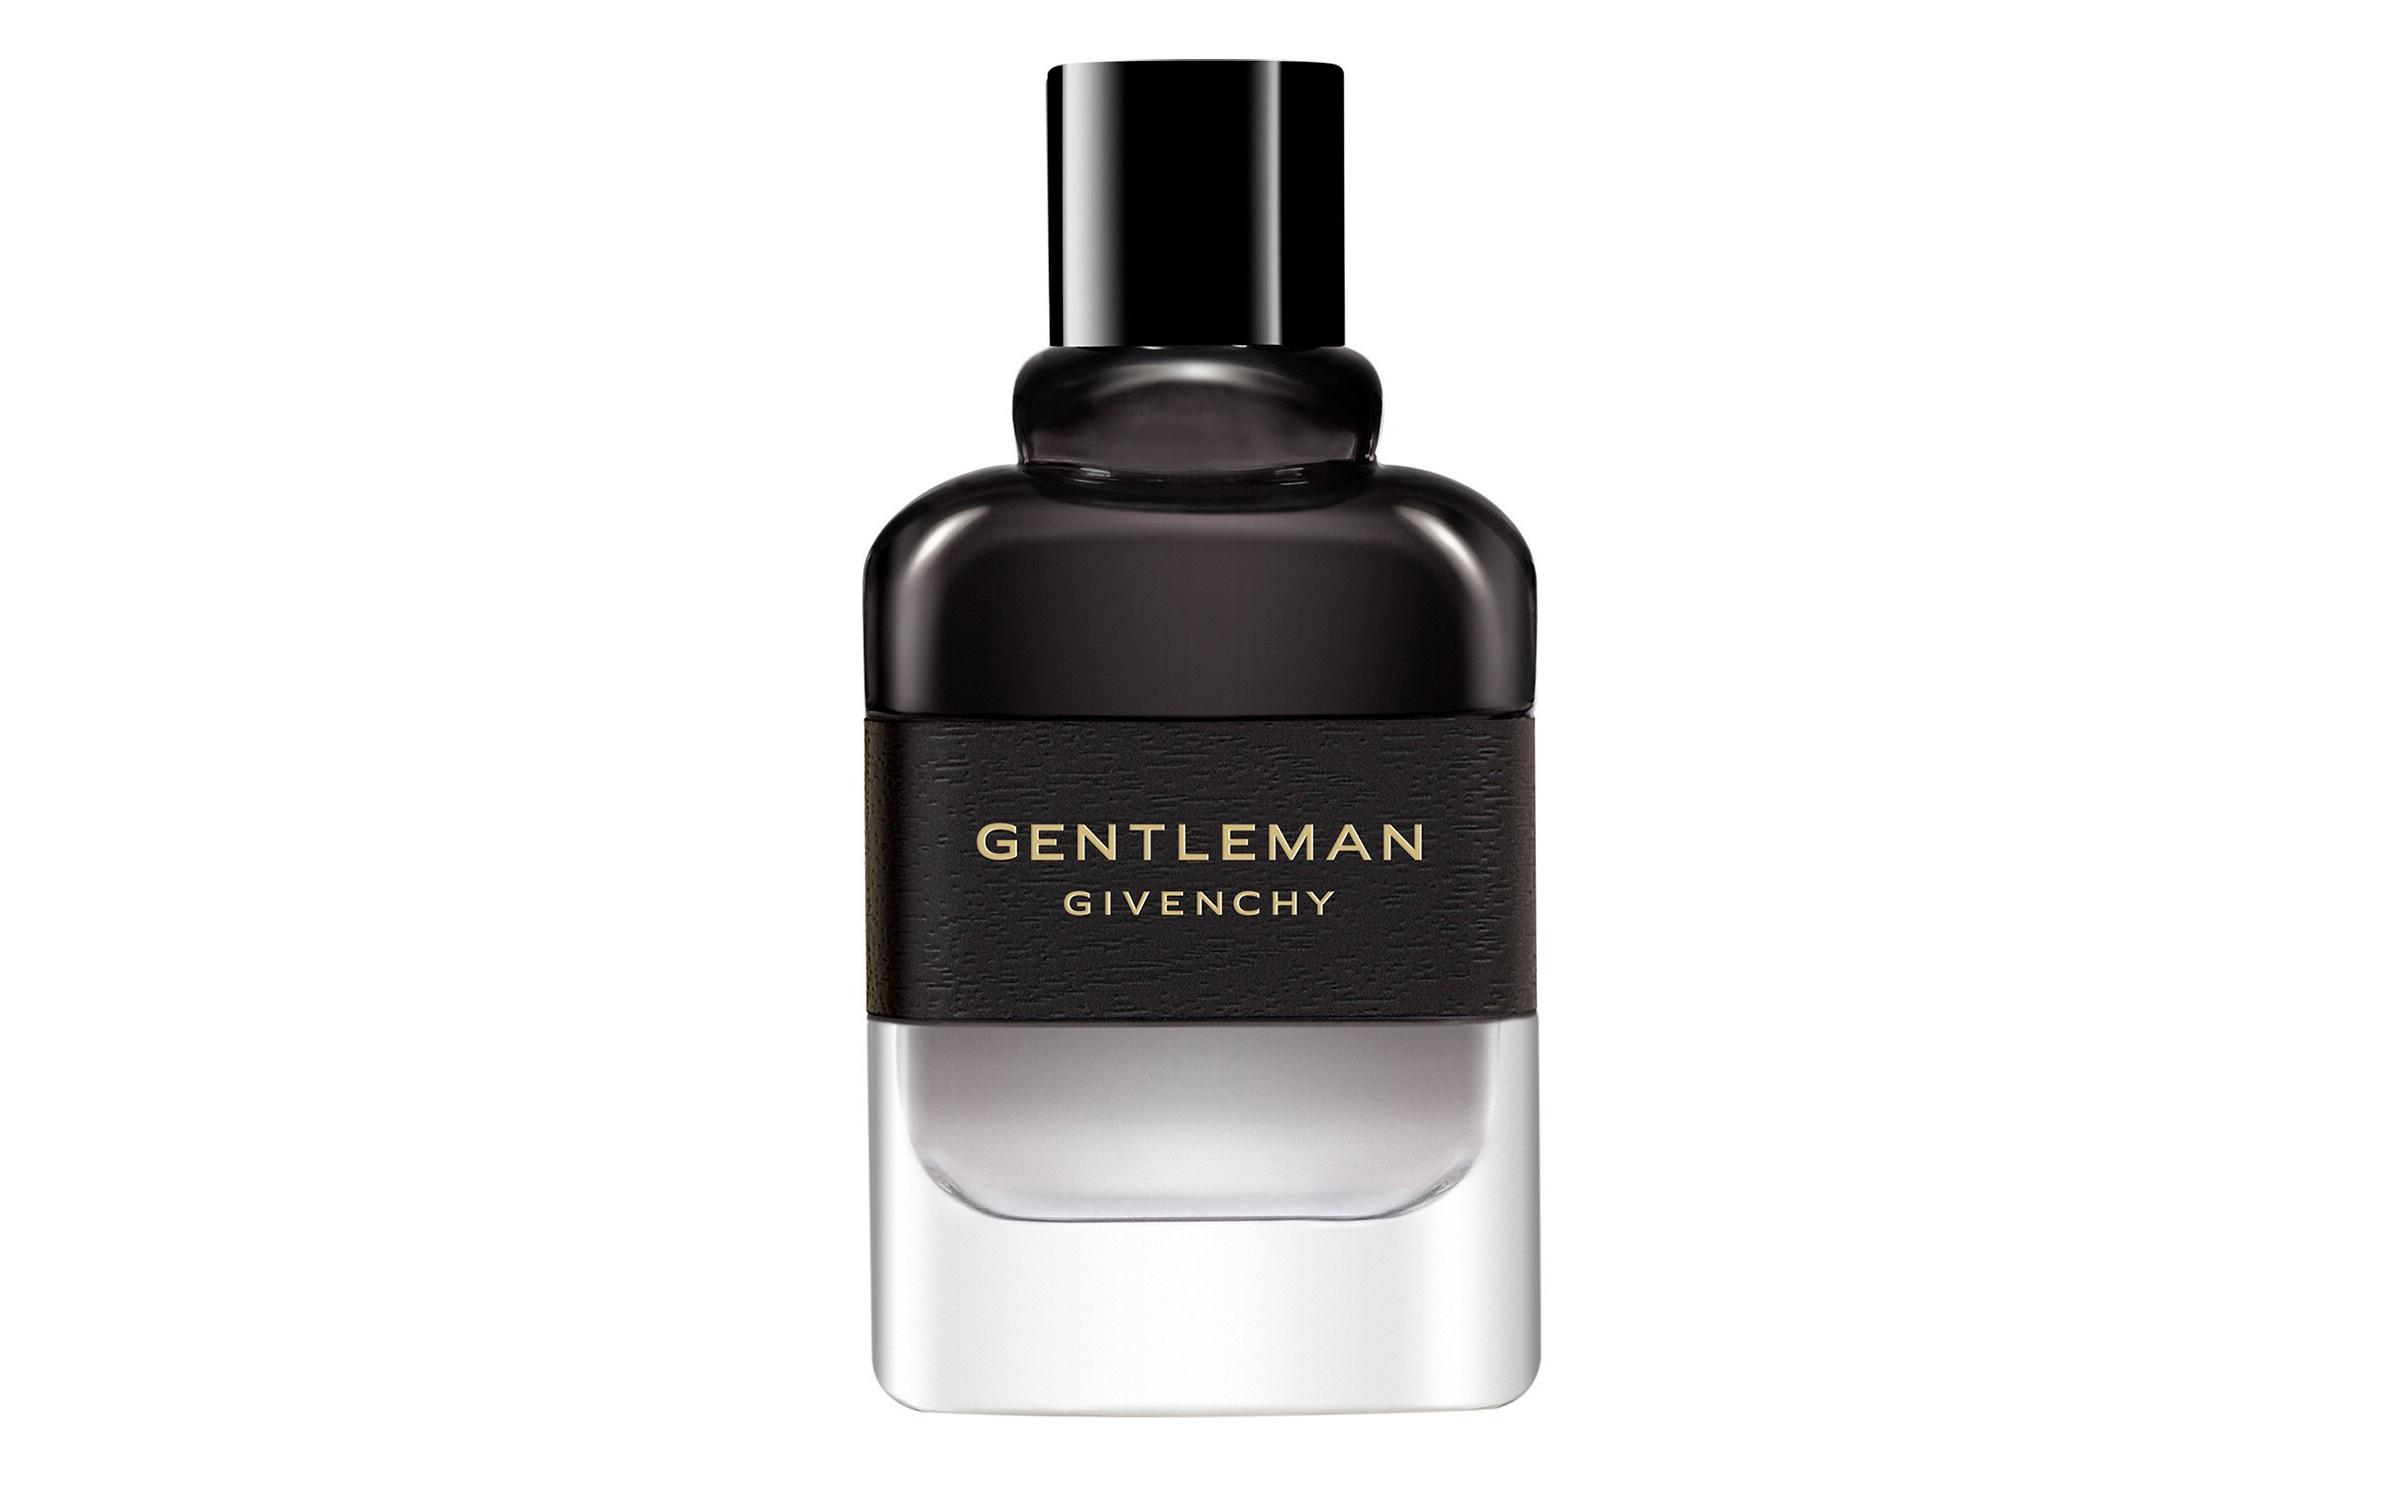 Givenchy Gentleman Eau de Parfum Boisee